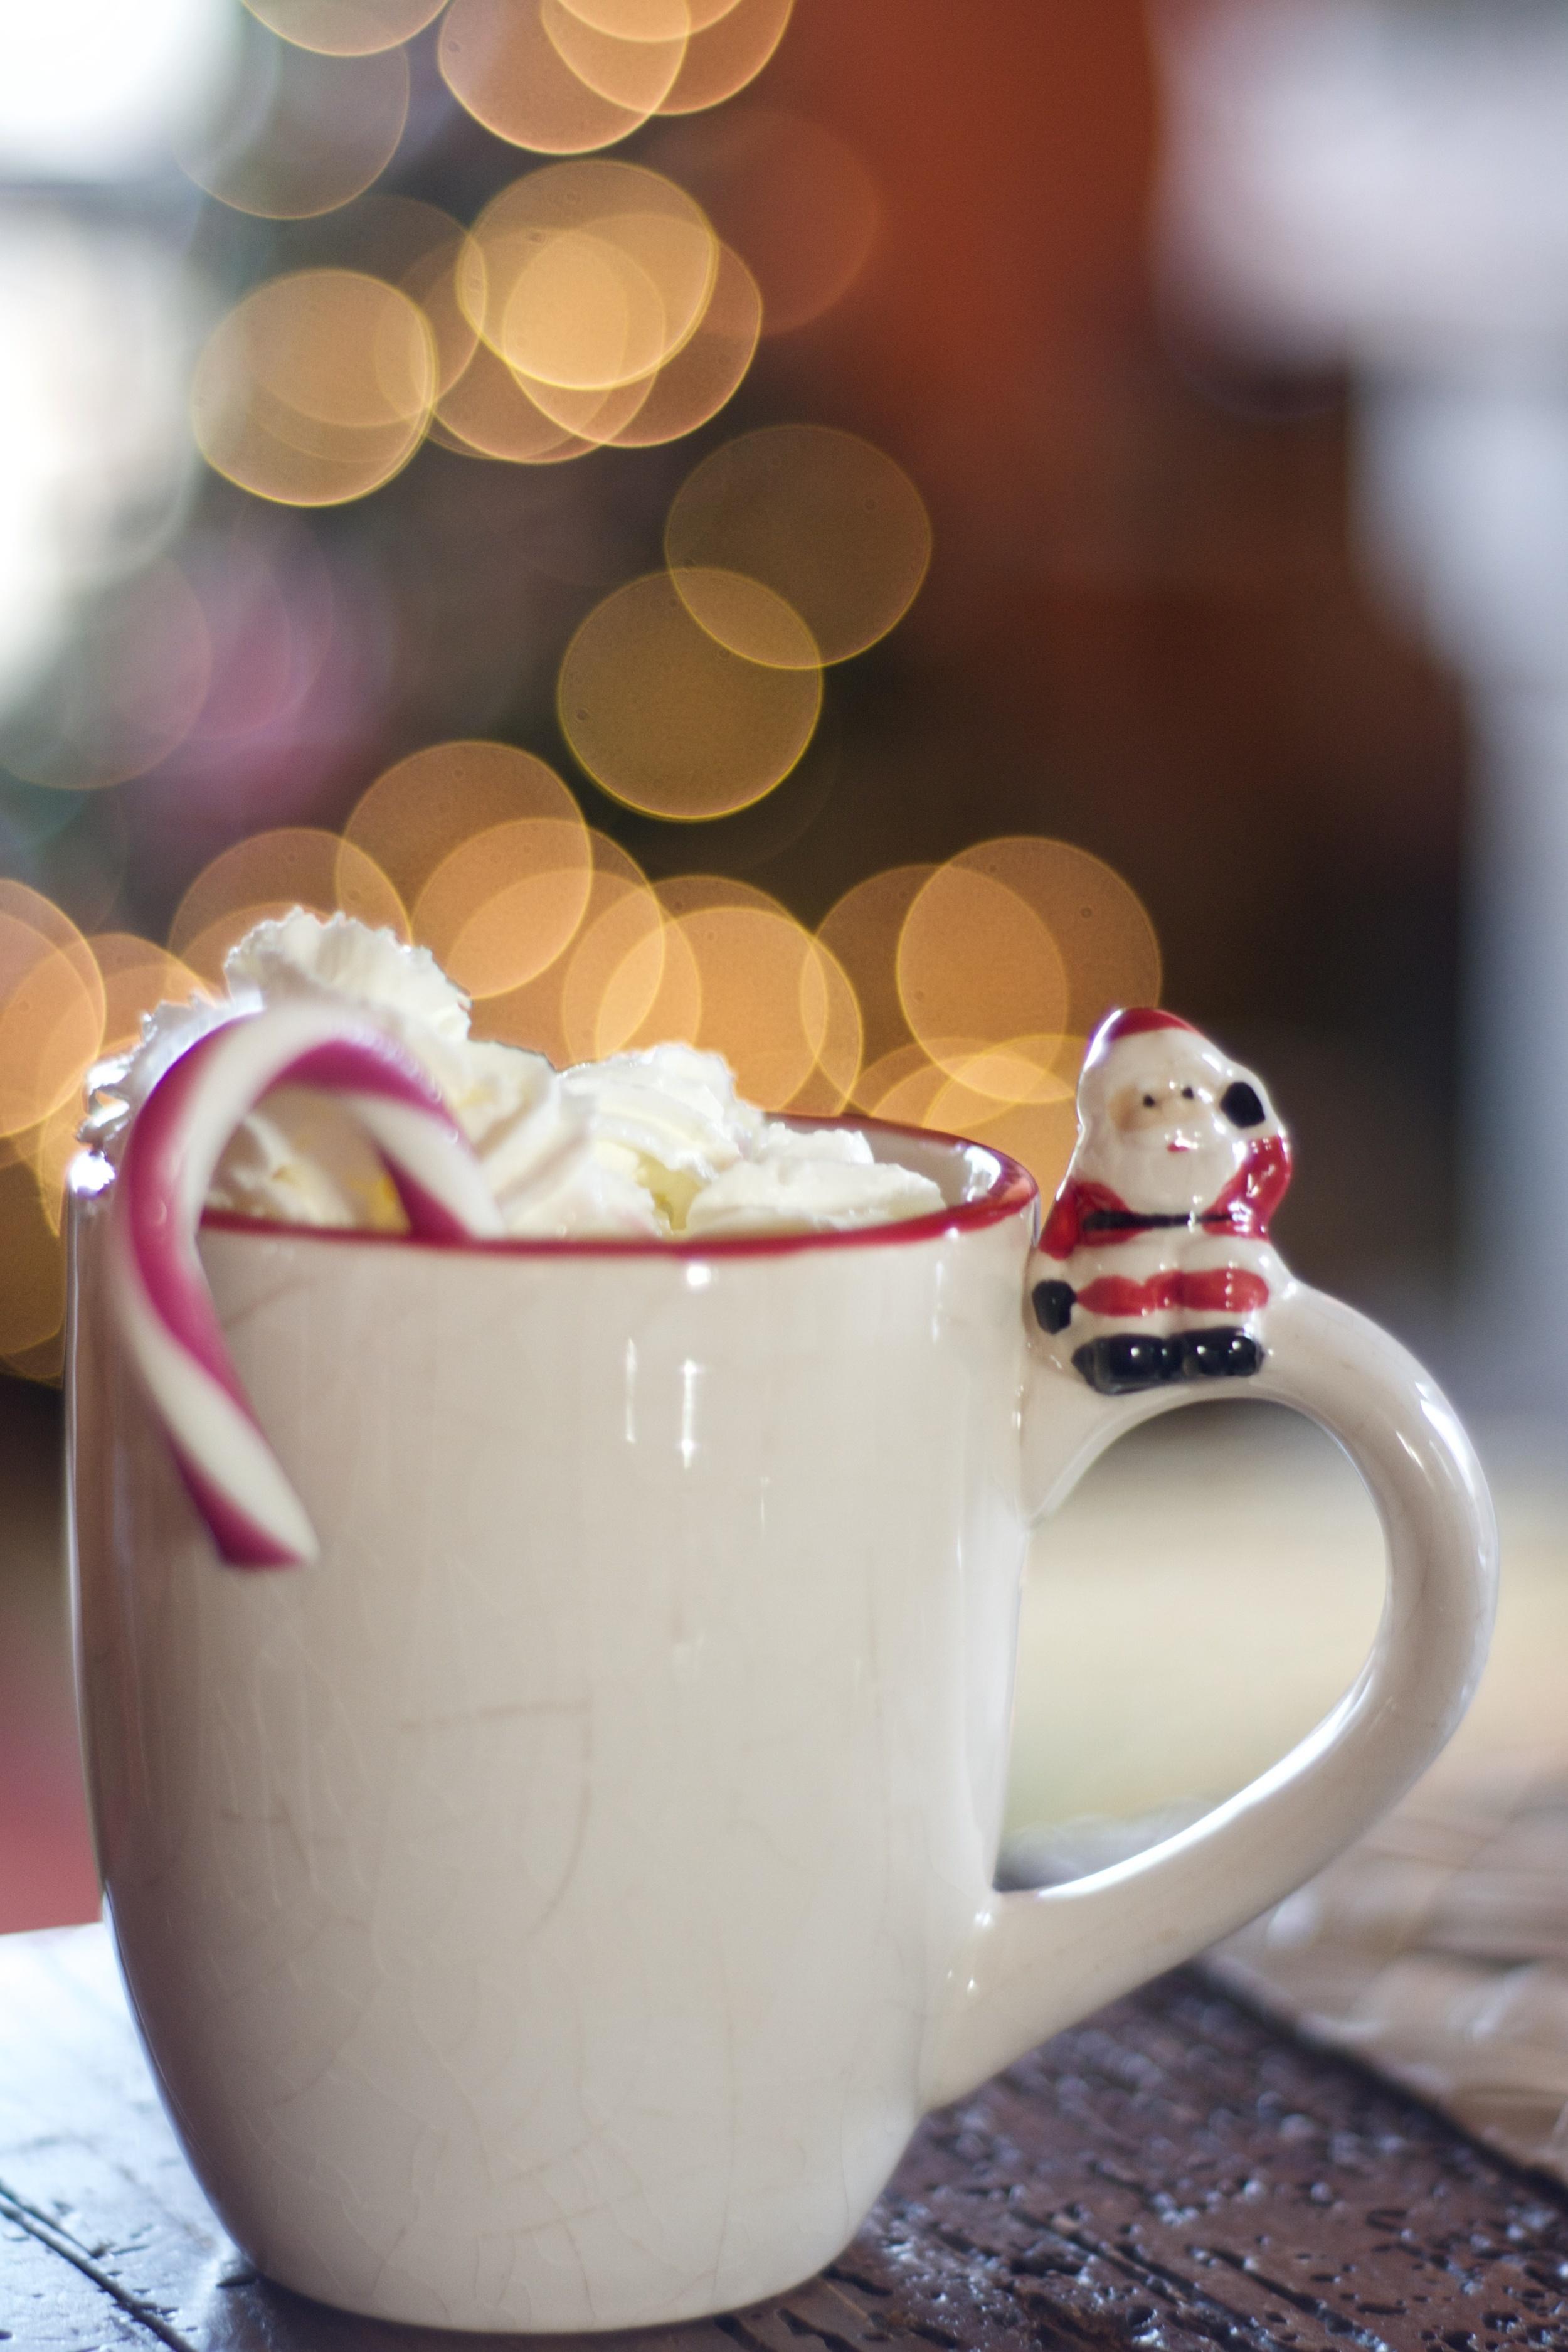 ¿Qué mejor manera de empezar el año que con un buen chocolate con nata?